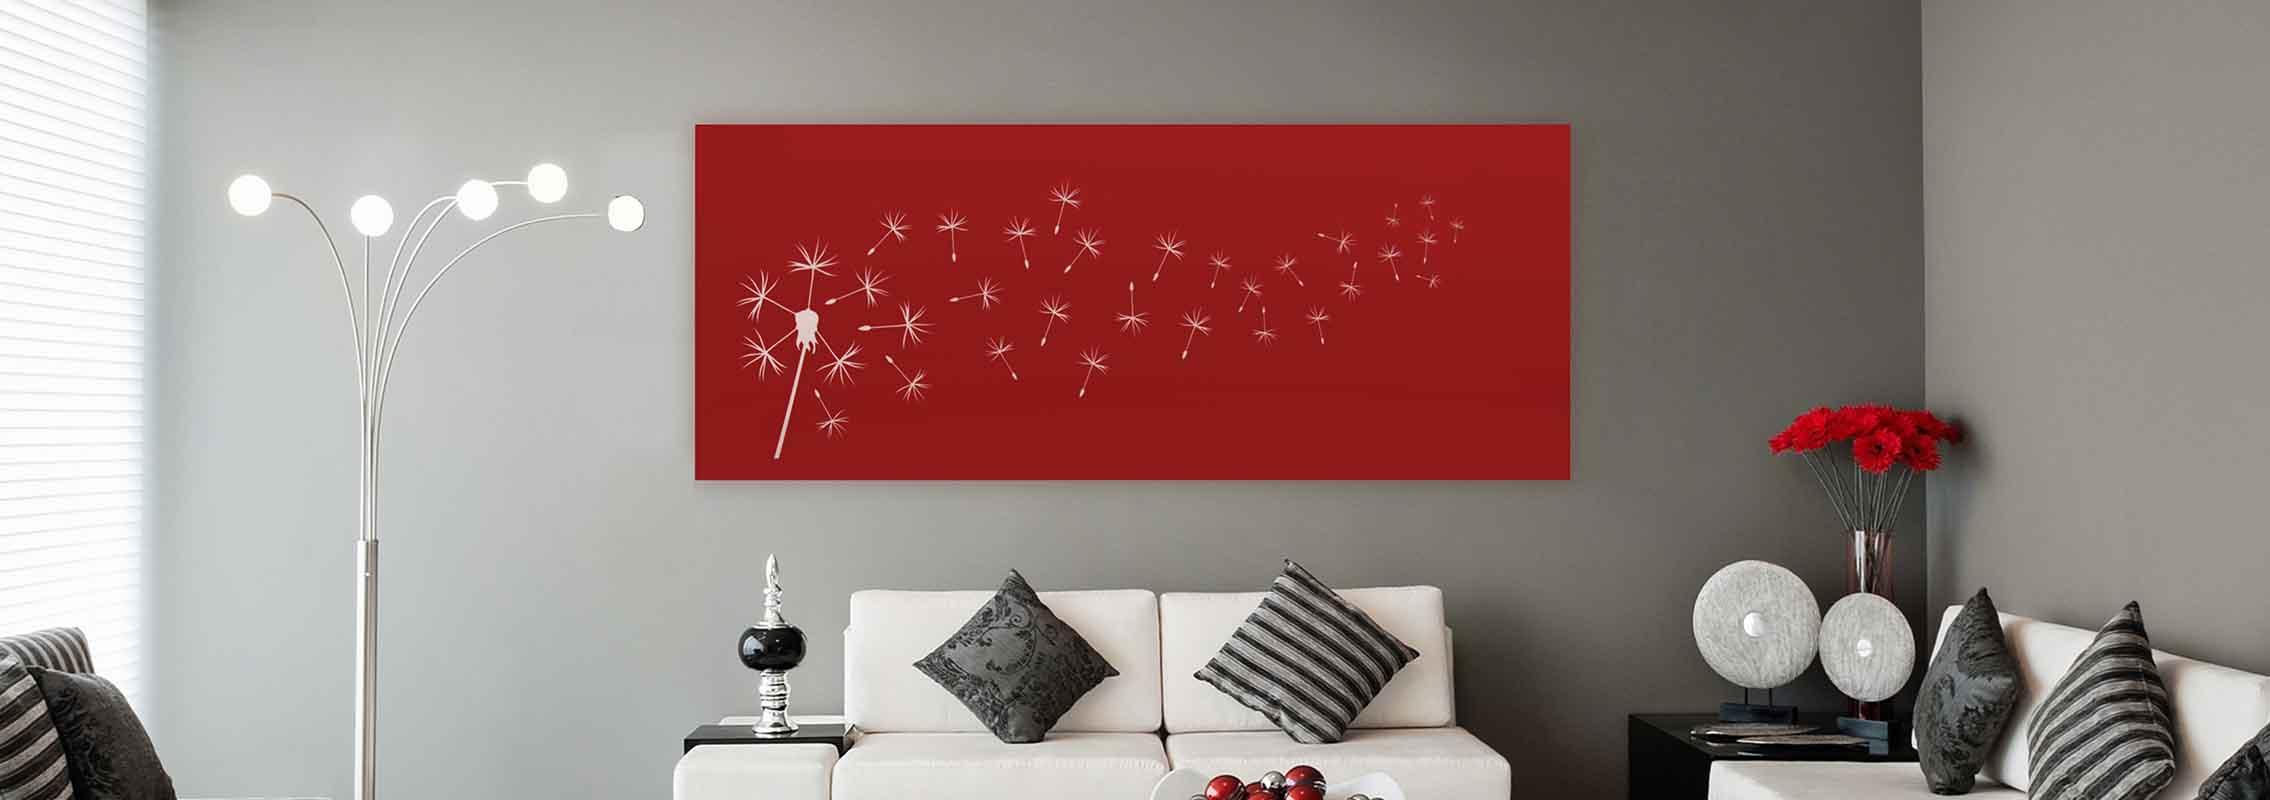 Laser Cut Wall Art titancut | laser cut screens